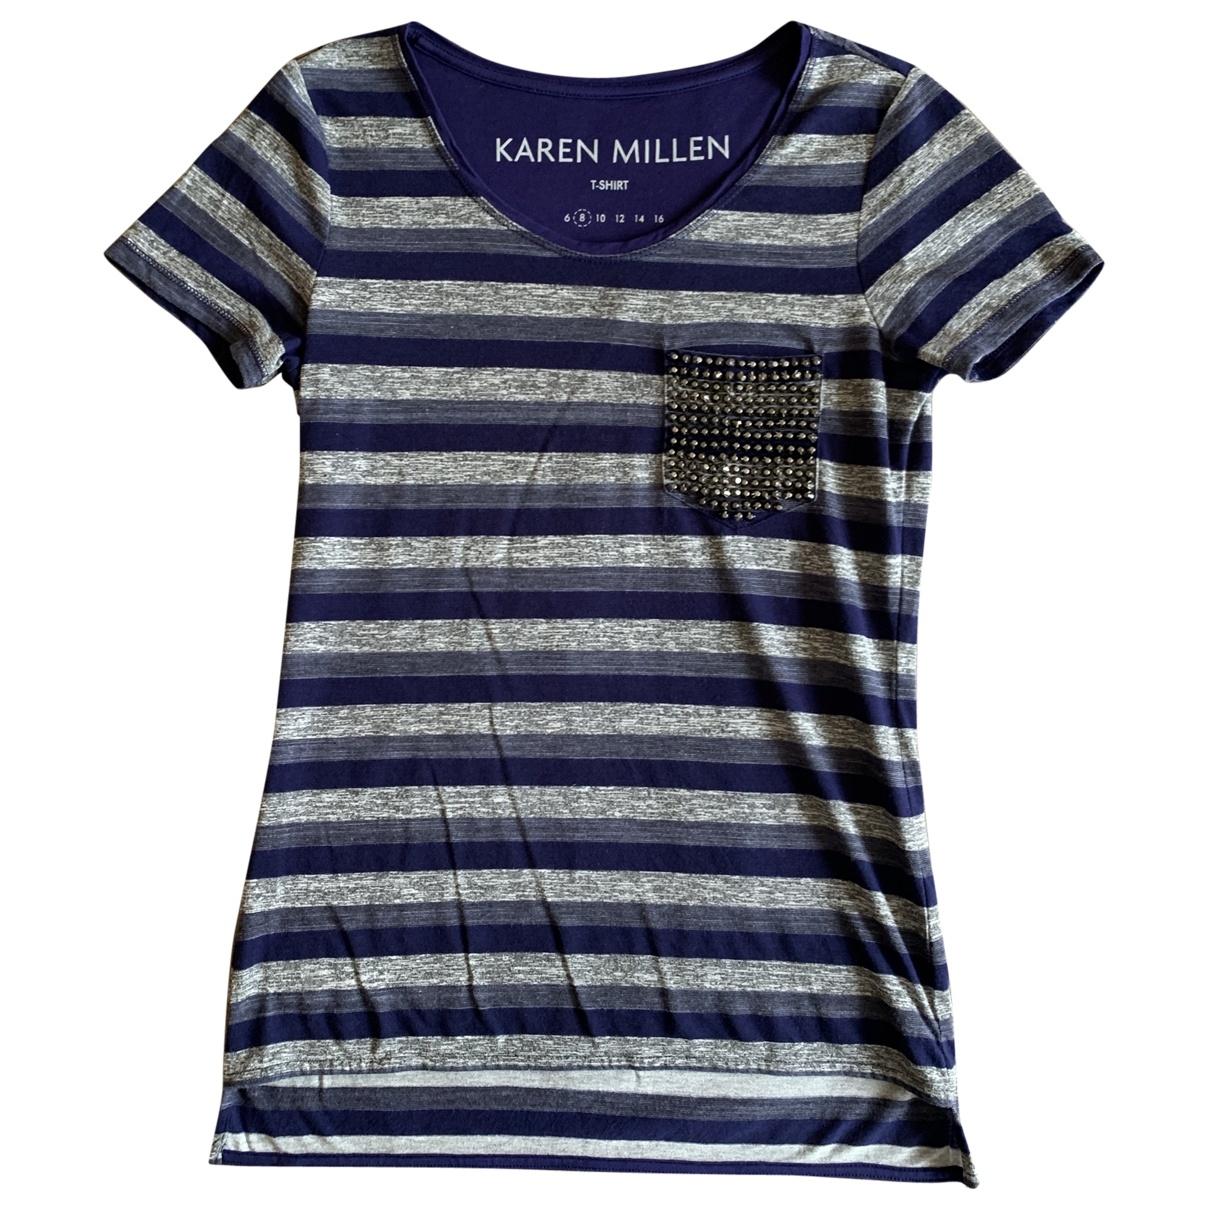 Karen Millen \N Blue  top for Women 8 UK